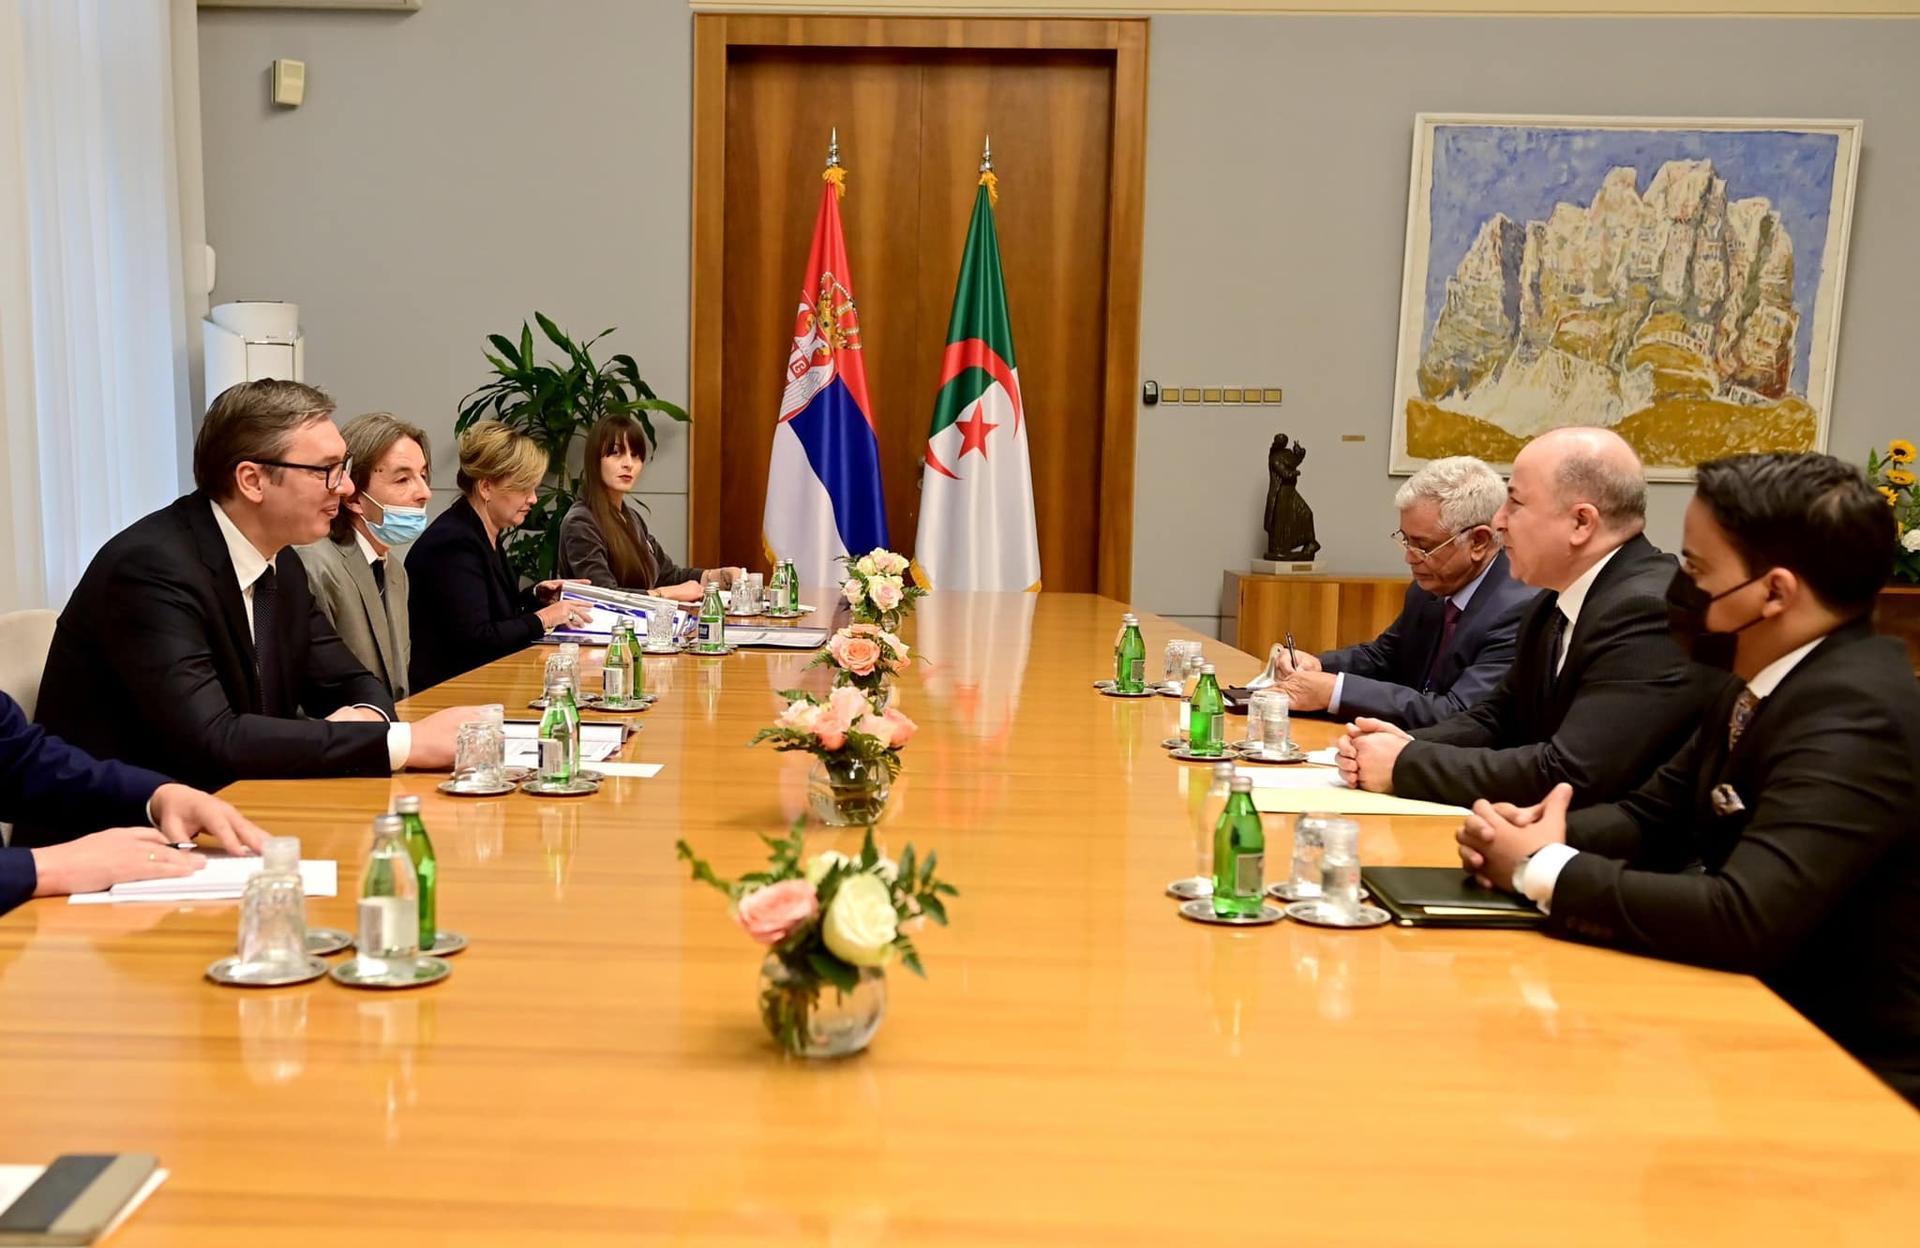 هذا ما قاله الرئيس الصربي عن دور الجزائر في تأسيس حركة عدم الانحياز